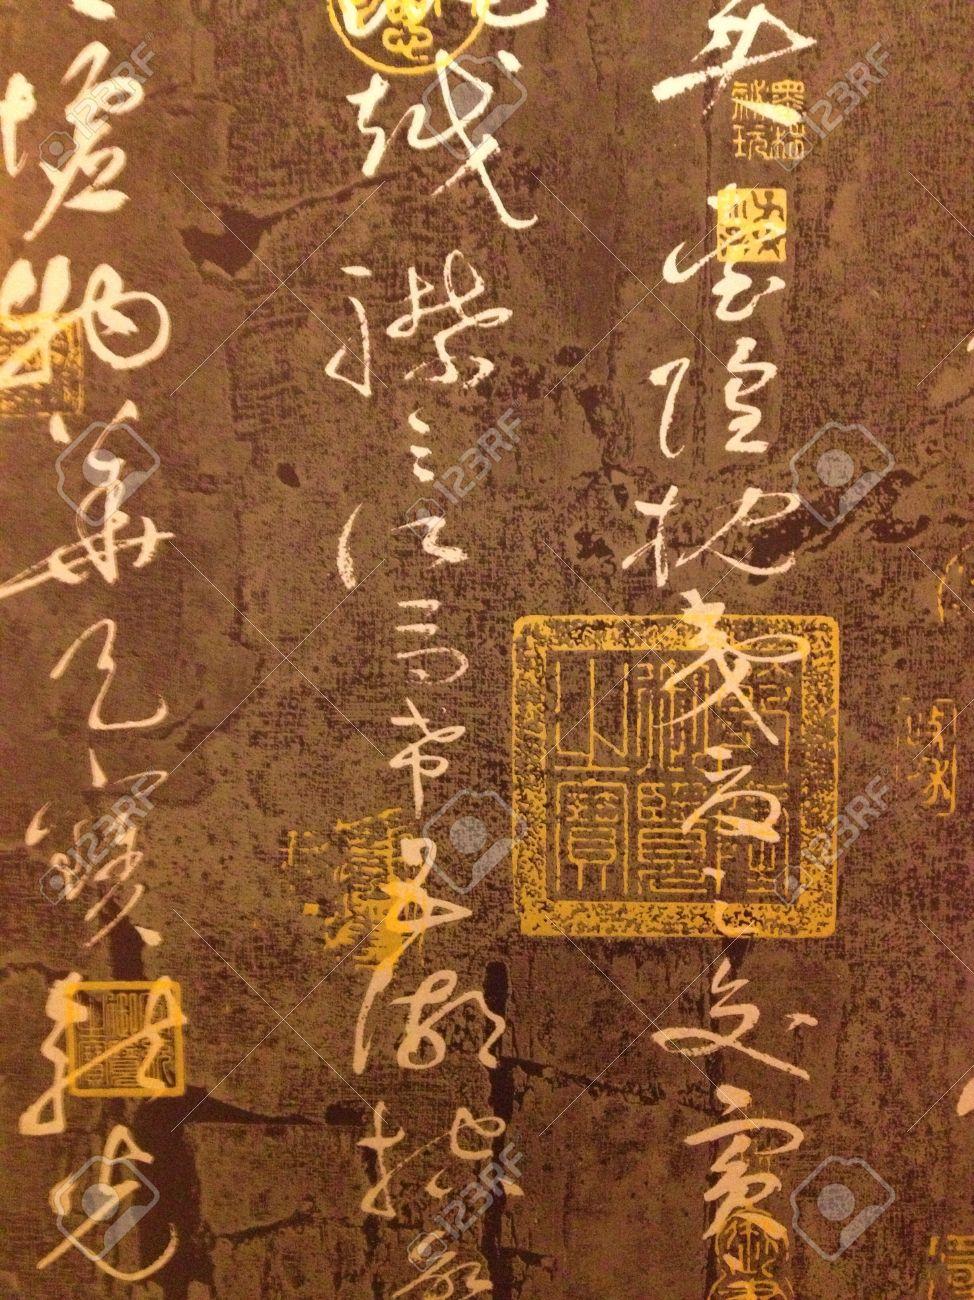 Traditionelle Chinesische Sprichwörter Mit Kaiserlichen Namen ...